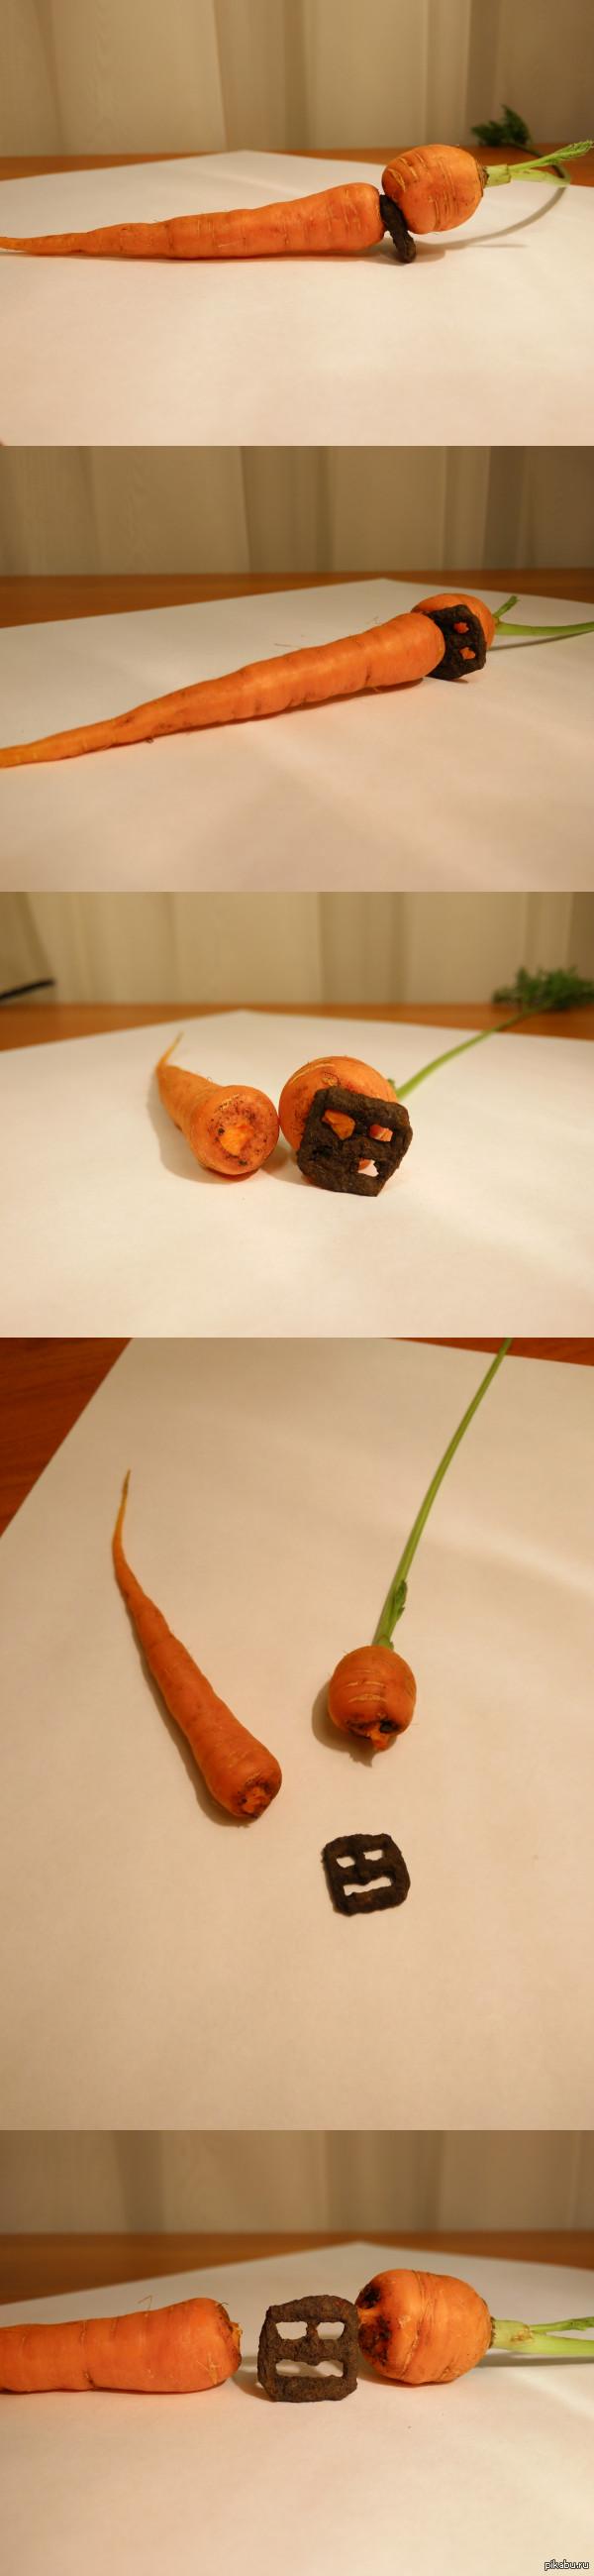 Волевая морковка Сегодня была выкопана морковка, проросшая через железную деталь.